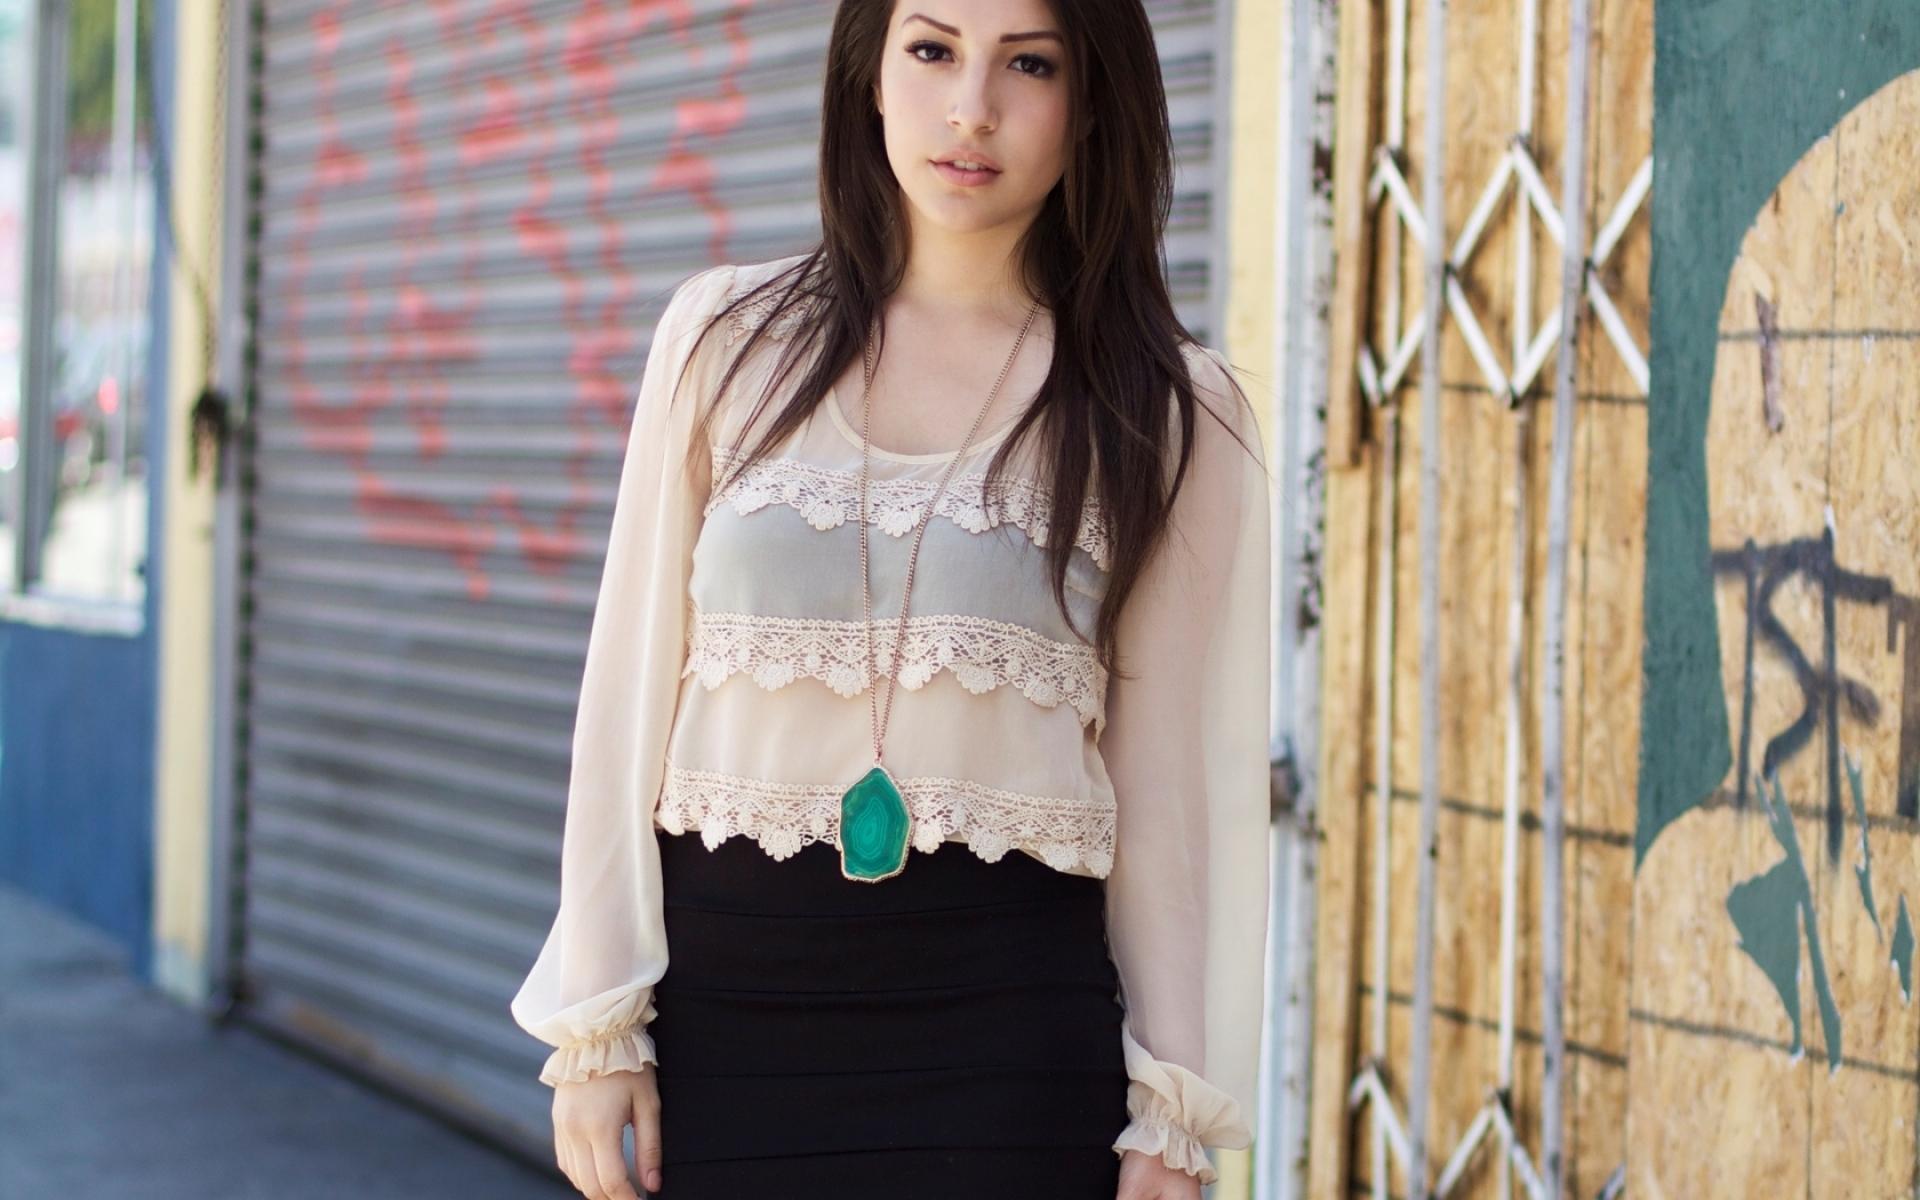 Картинки Модель, девушка, рубашка, кулон, юбка, брюнетка фото и обои на рабочий стол